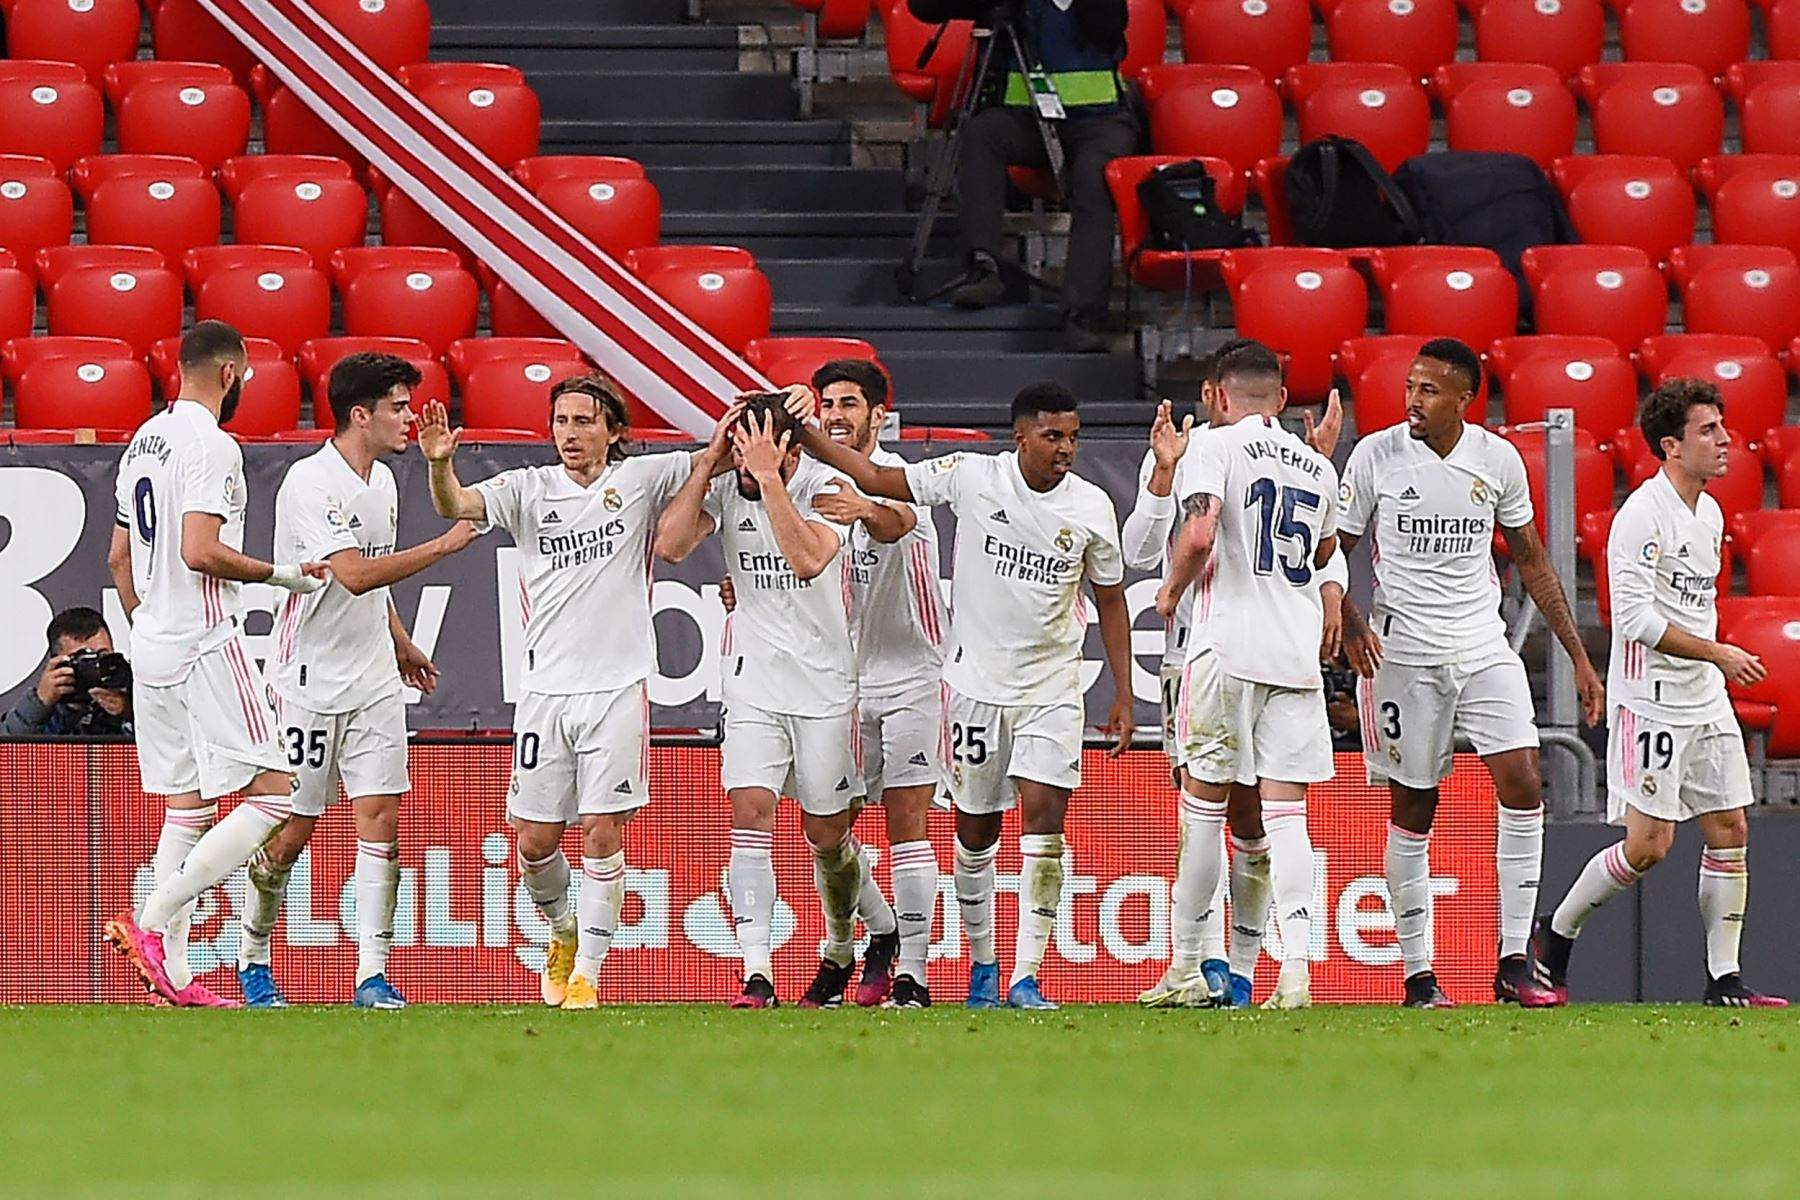 El defensa español del Real Madrid Nacho Fernández es felicitado por sus compañeros tras marcar un gol durante el partido de fútbol de la Liga española entre el Athletic Club de Bilbao y el Real Madrid. Foto: AFP